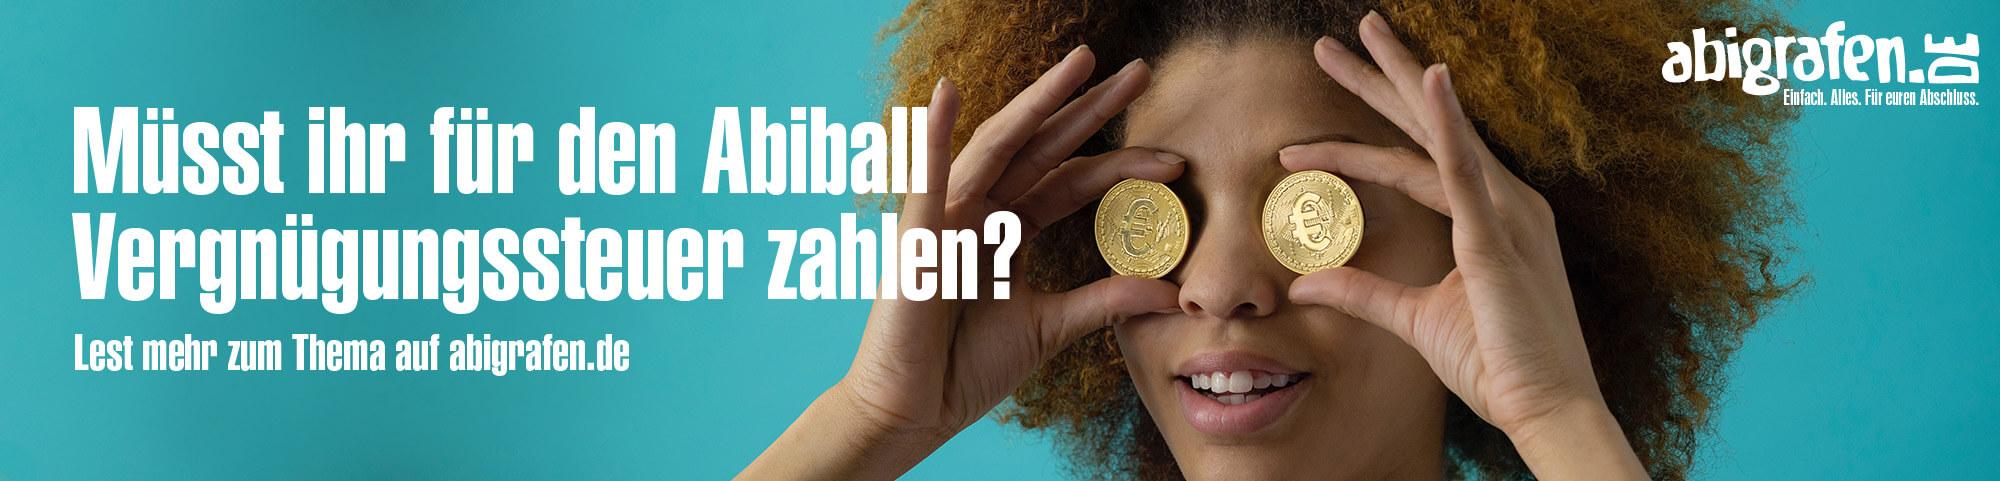 Vergnügungssteuer für den Abiball/die Abifeier (alle Infos)